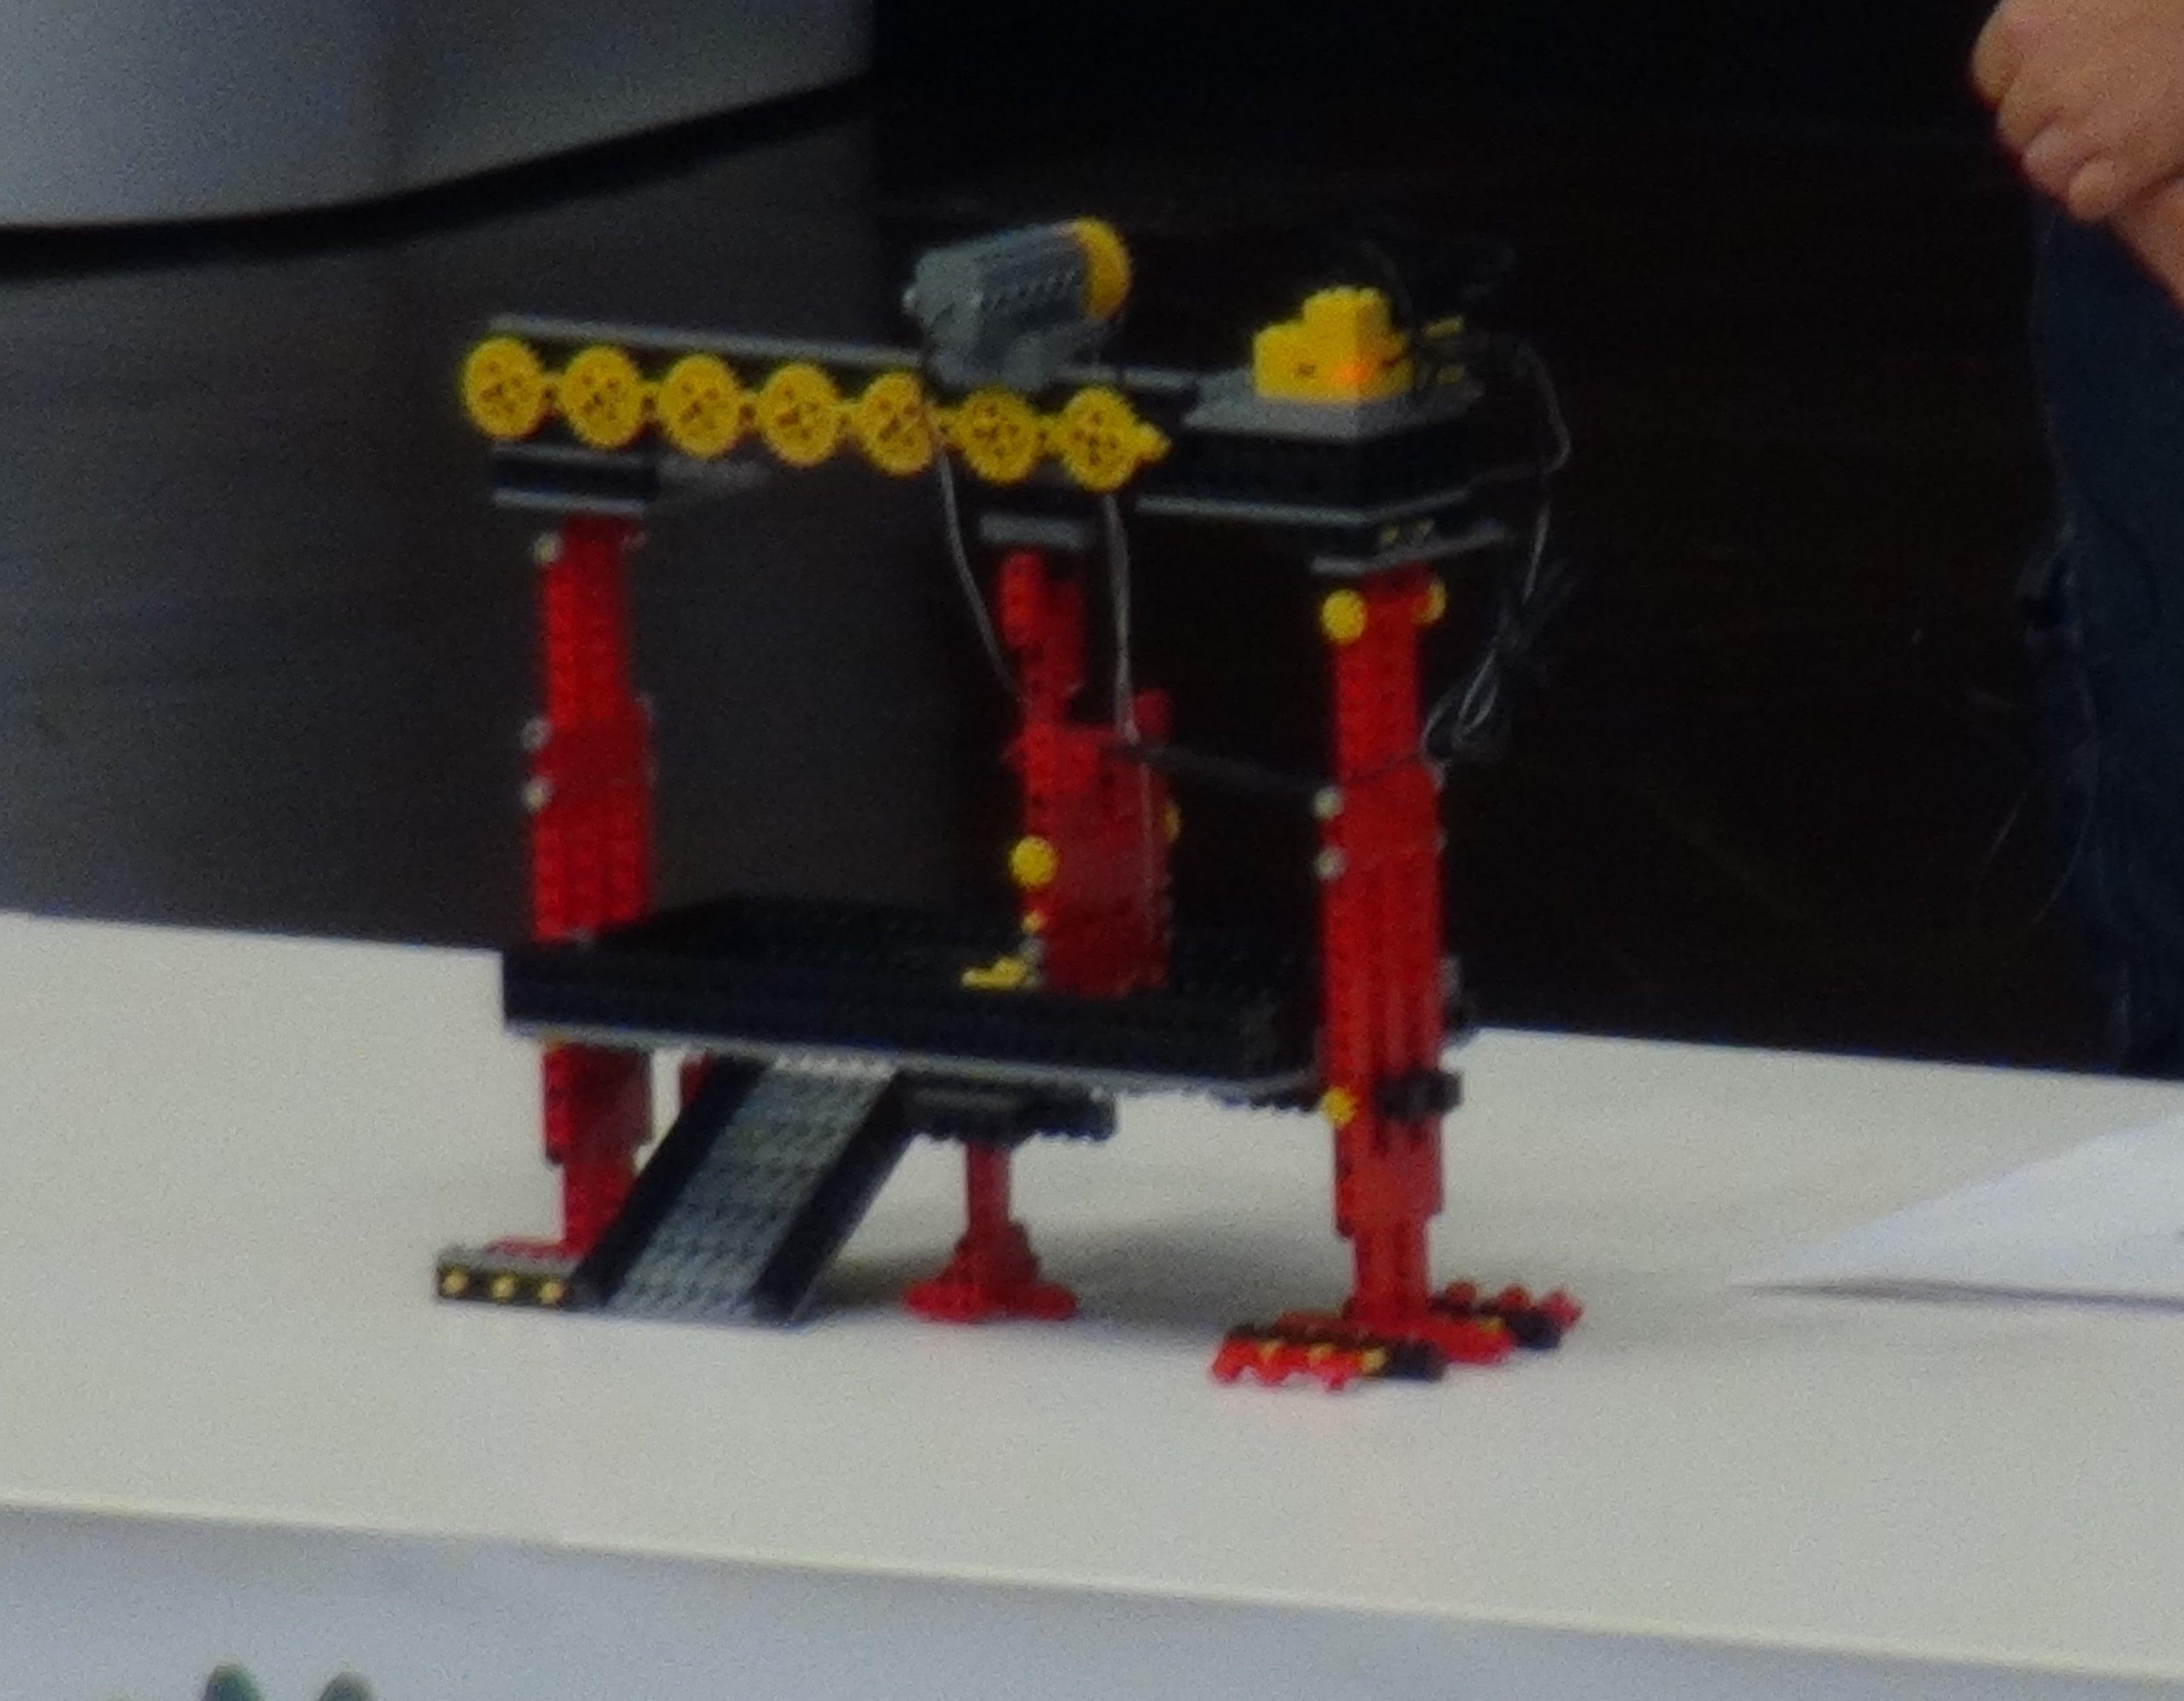 ロボット教室全国大会観覧してきました!!  ロボット教室のひかりスクール